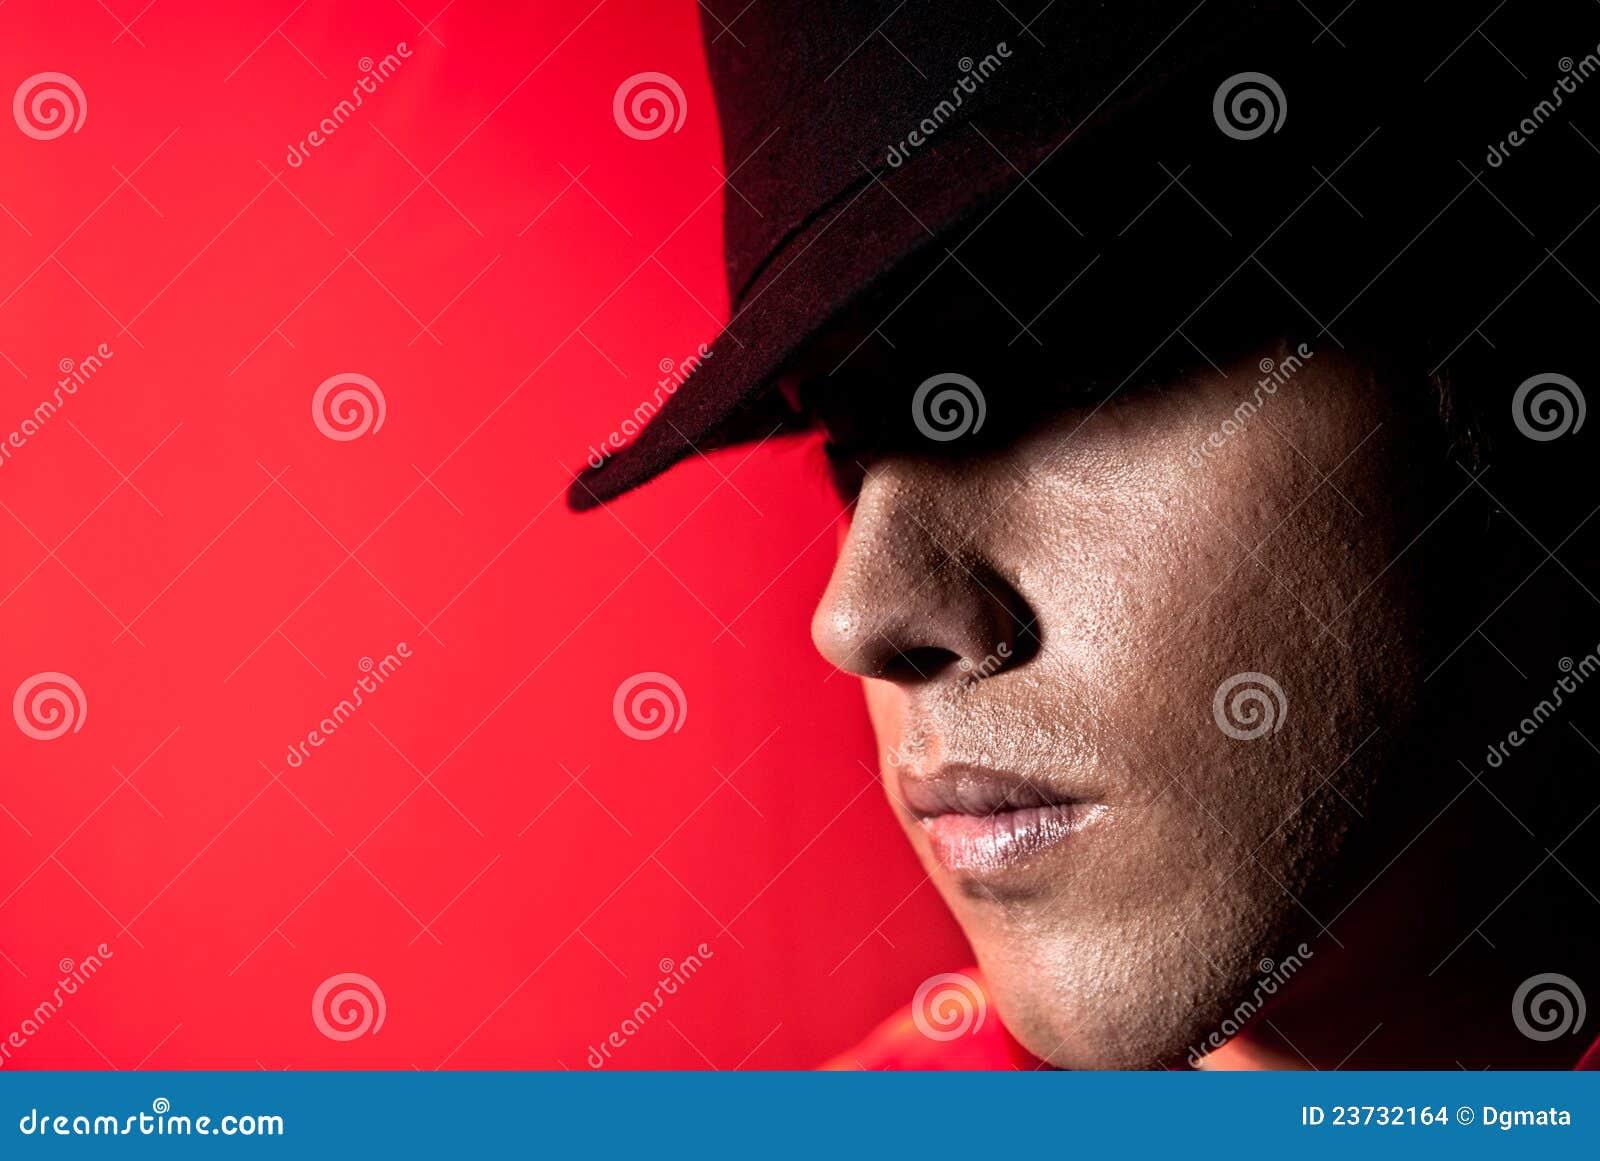 Handsome man portrait hat dark eyes mystery